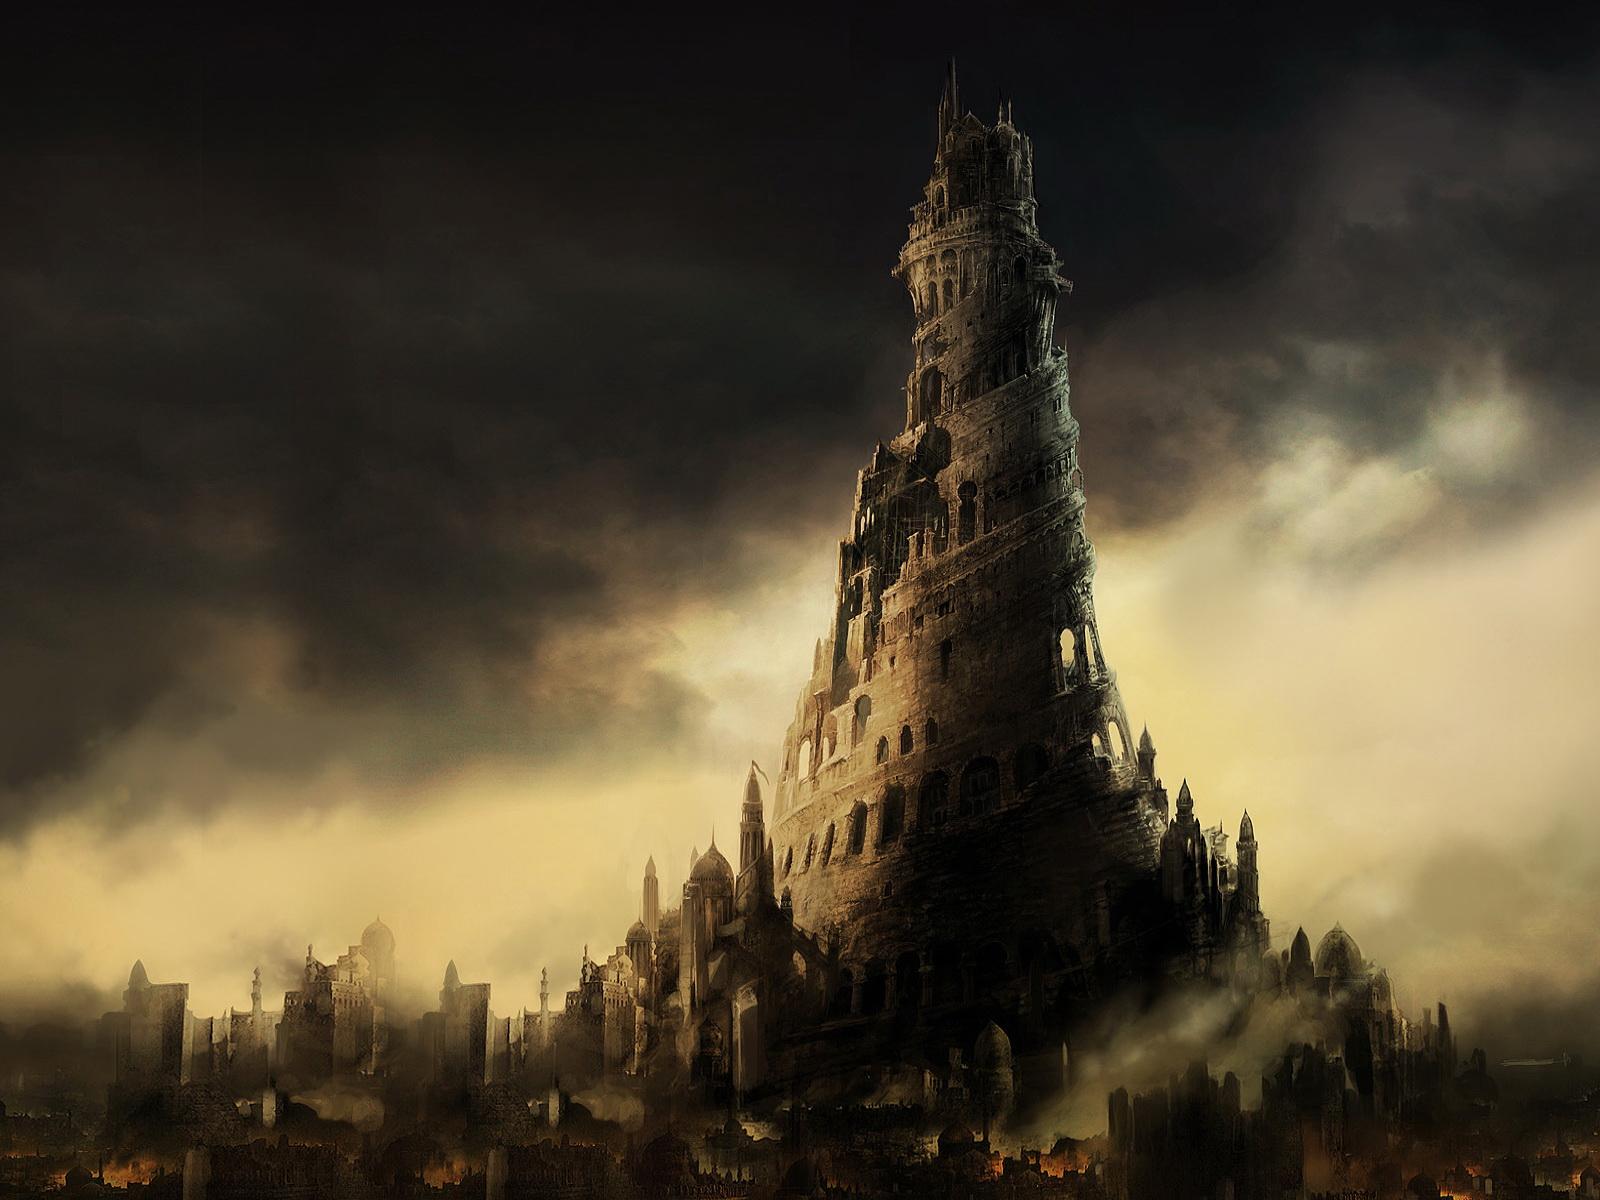 La Verdad Oculta detrás de la Torre de Babel